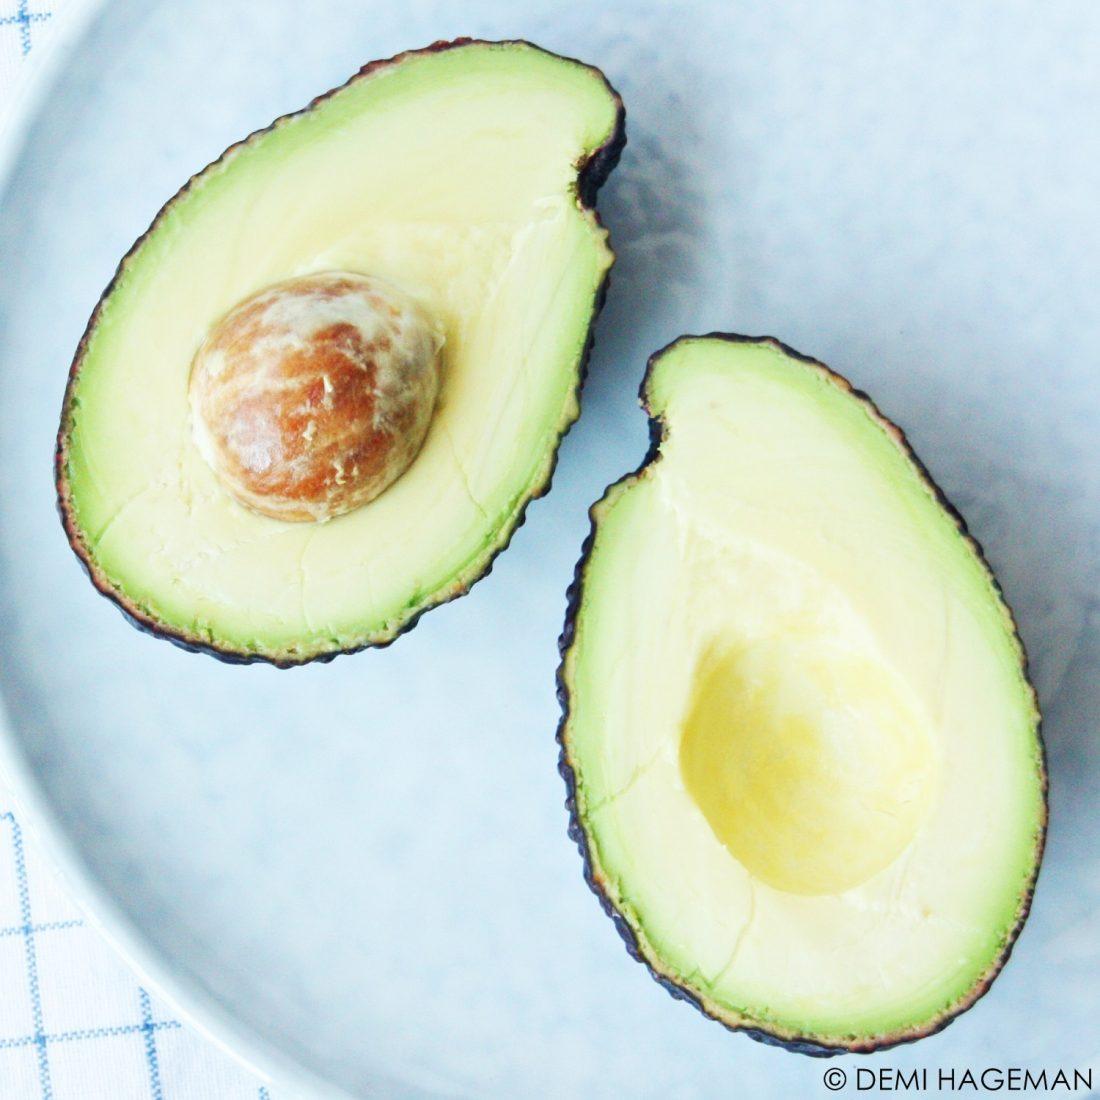 hoe weet je of een avocado rijp is?